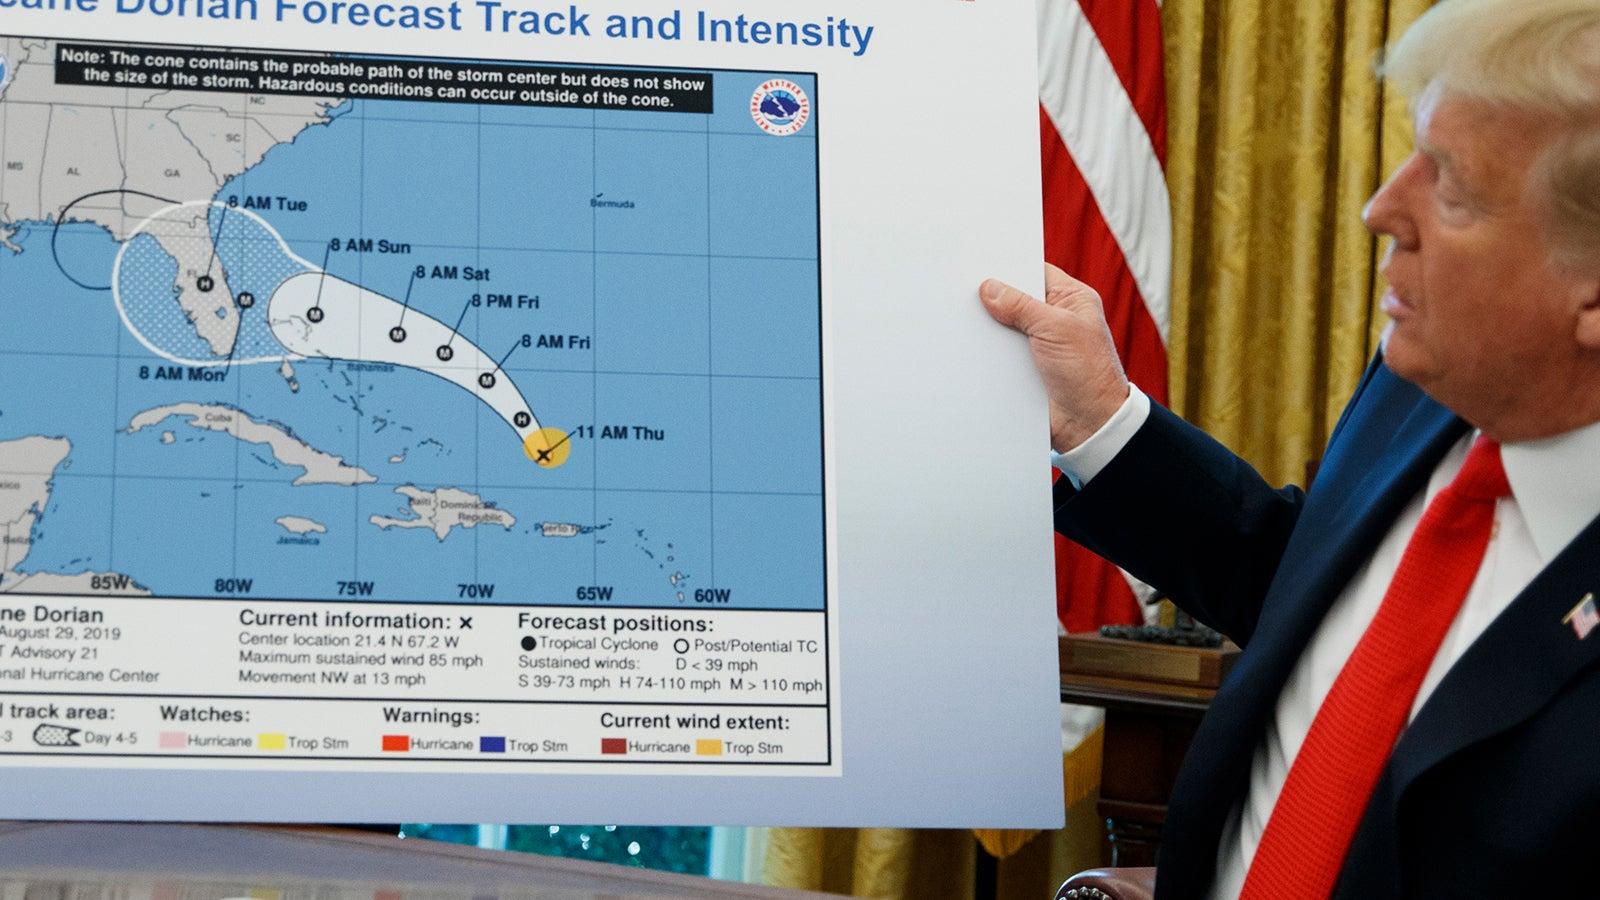 Alabama durch Dorian bedroht? Trump lässt nicht locker | The Weather Channel - Artikel von The Weather Channel | weather.com